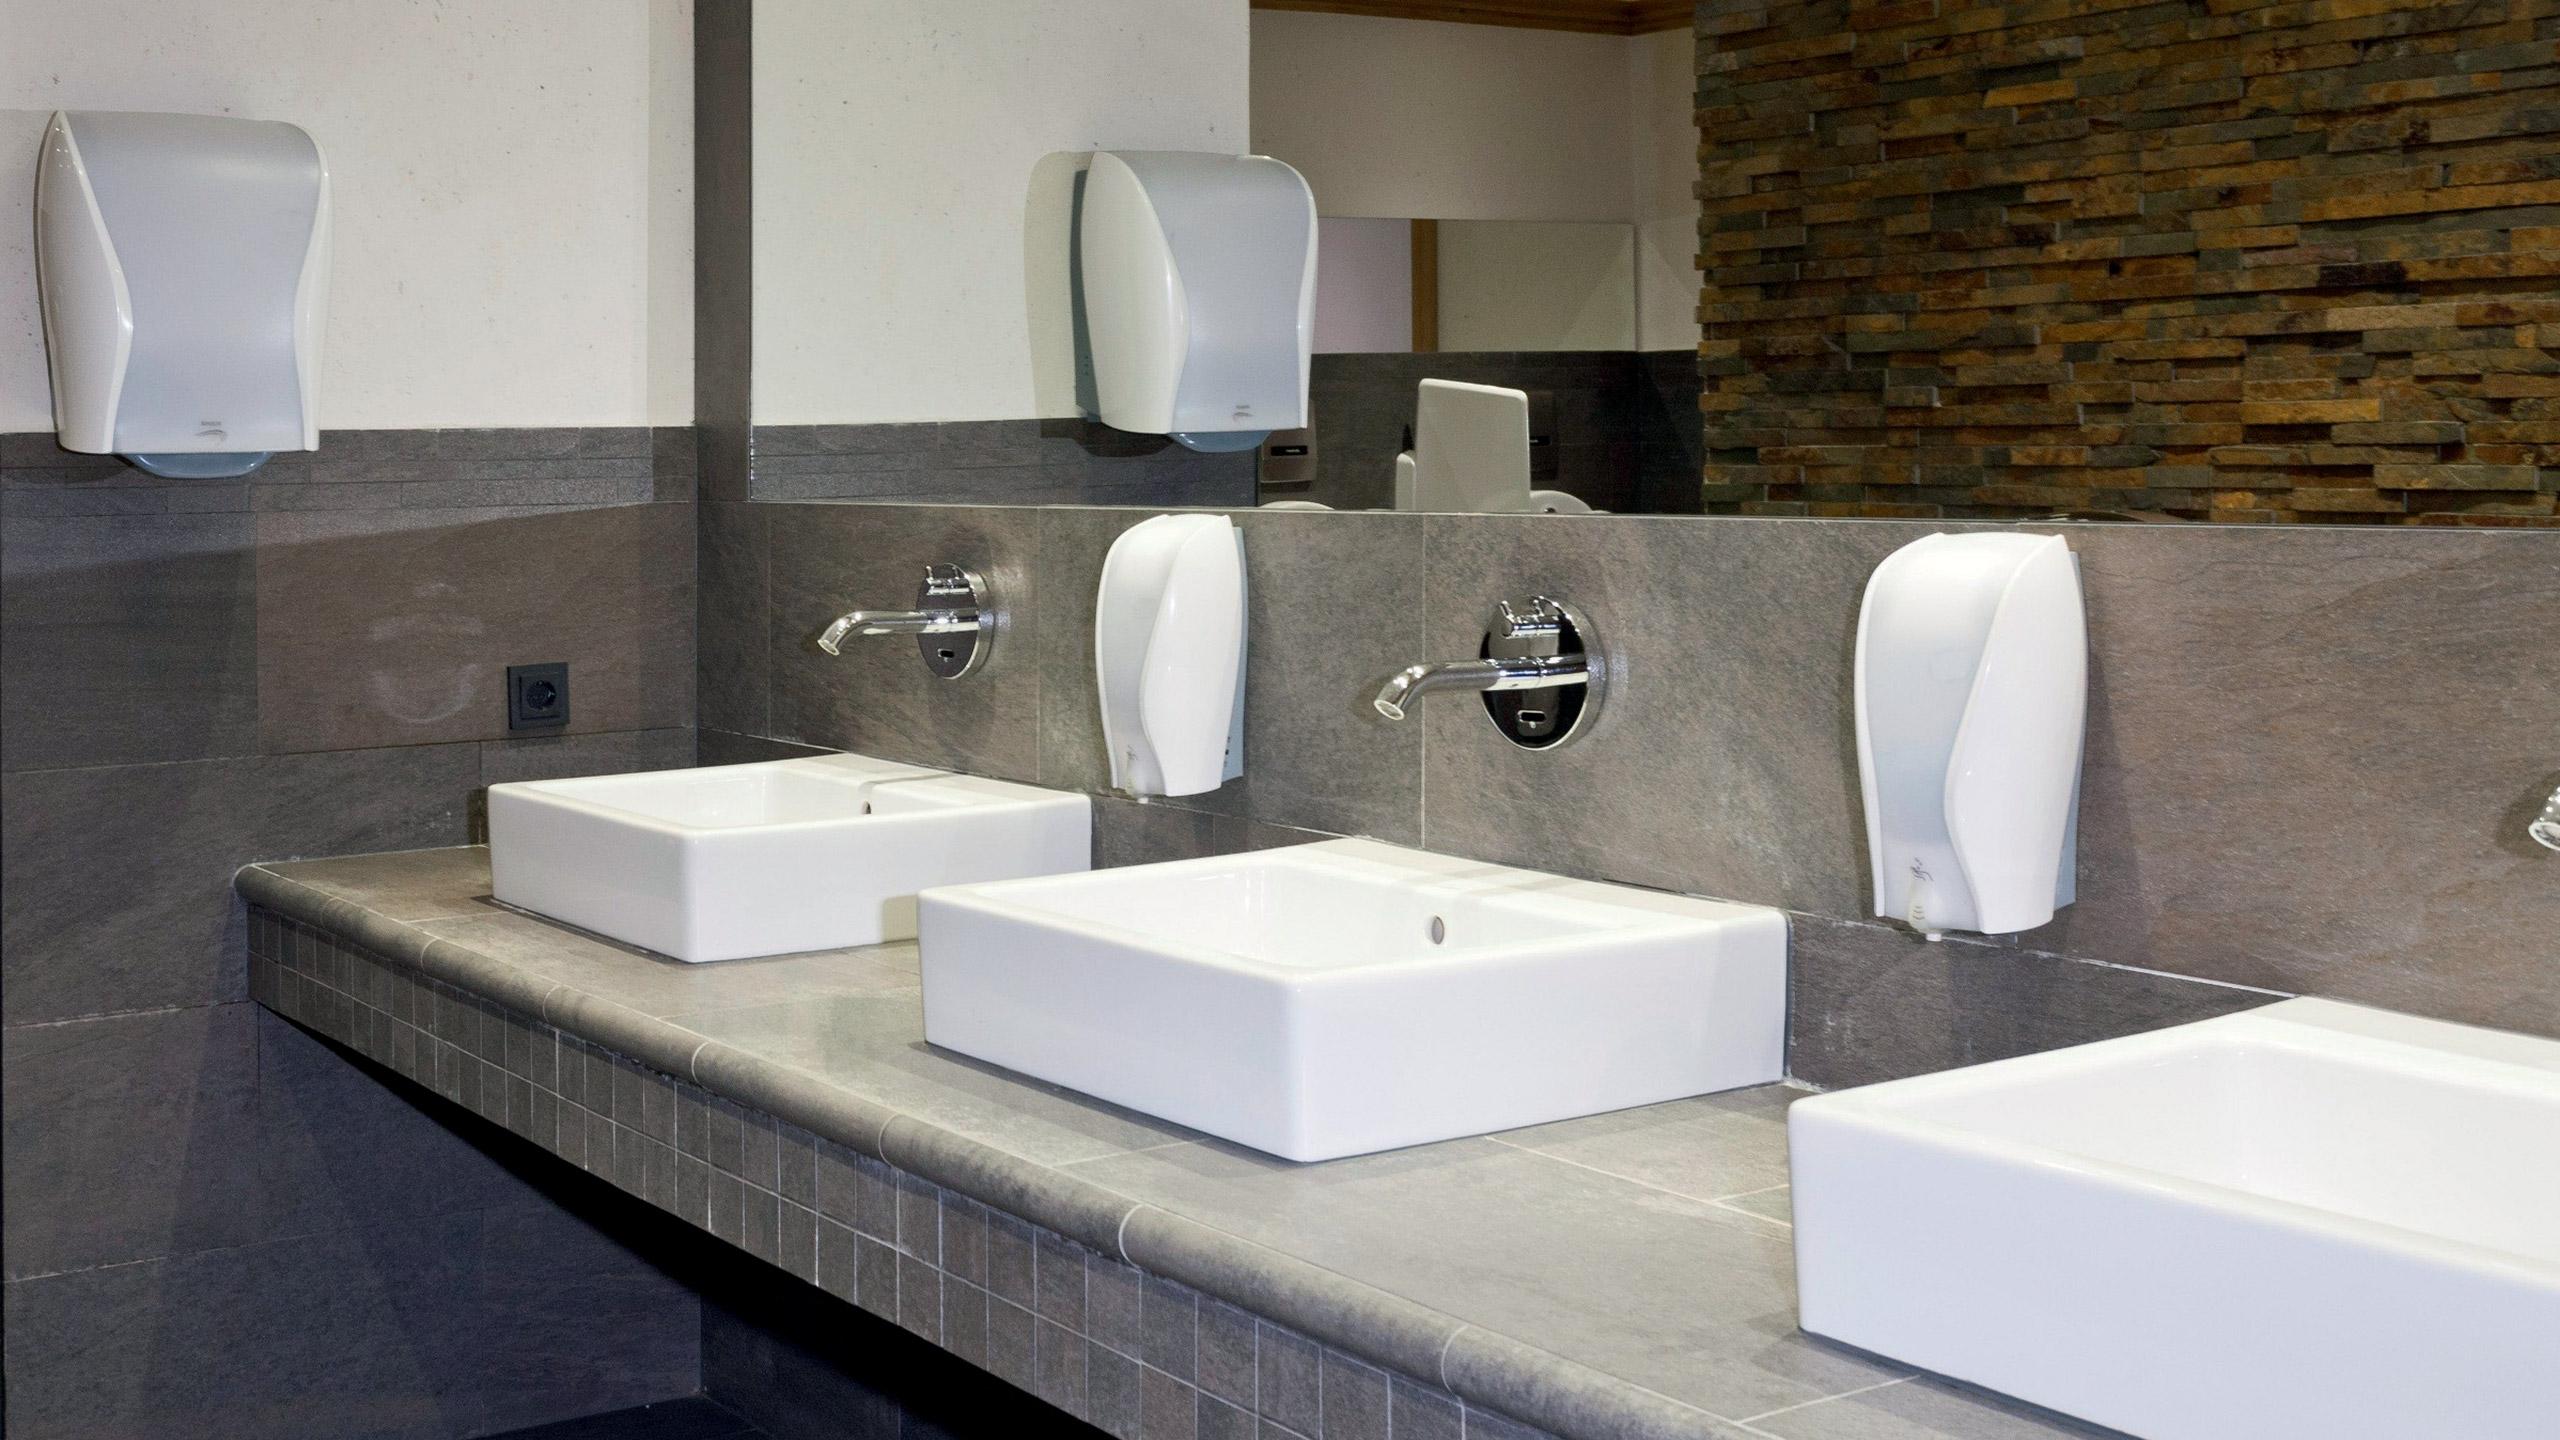 Disinfettante Bagno Naturale : Pulizia bagno prodotti professionali per disinfettare a fondo würth